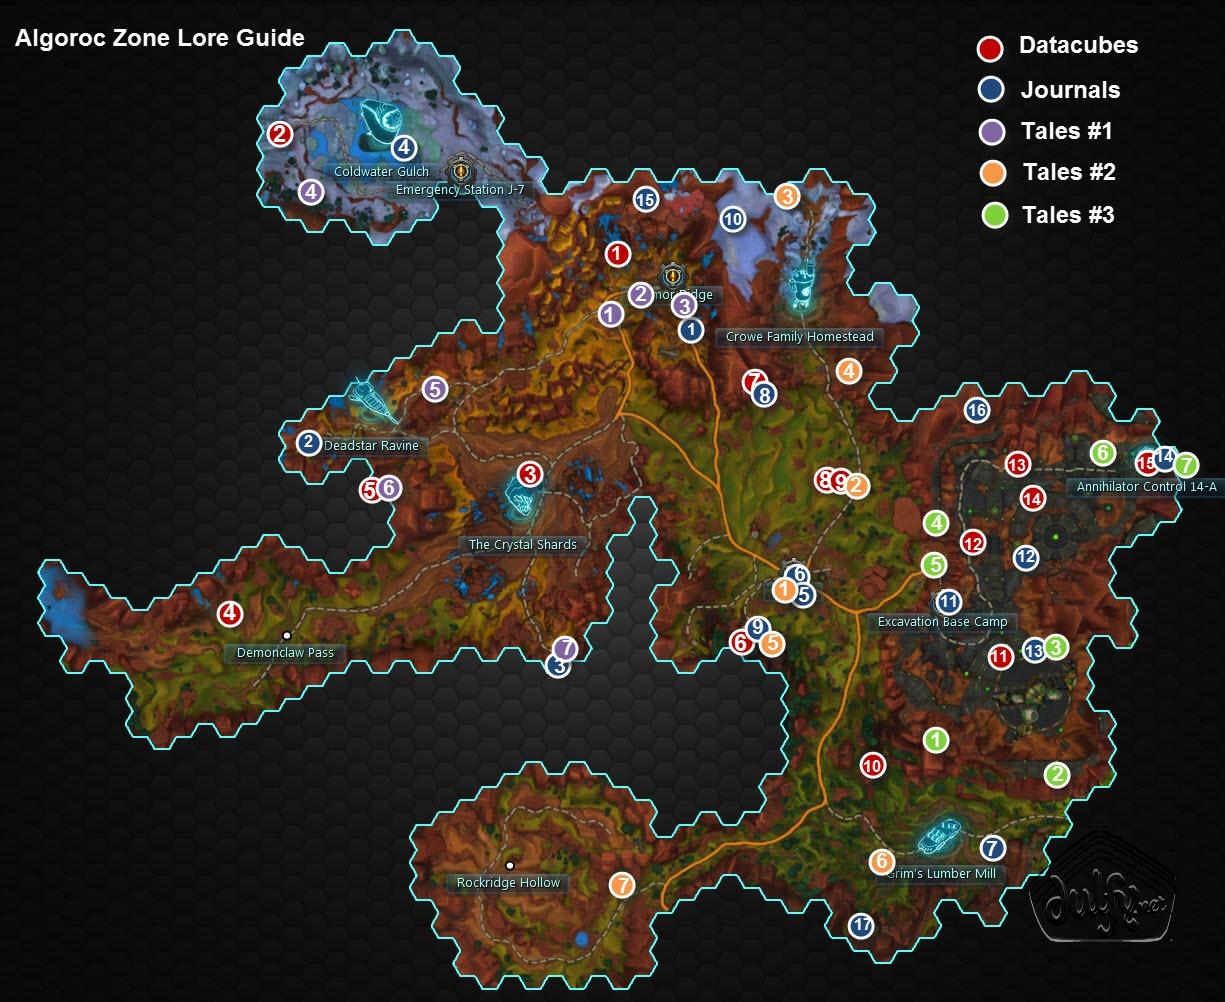 wildstar-algoroc-zone-lore-guide